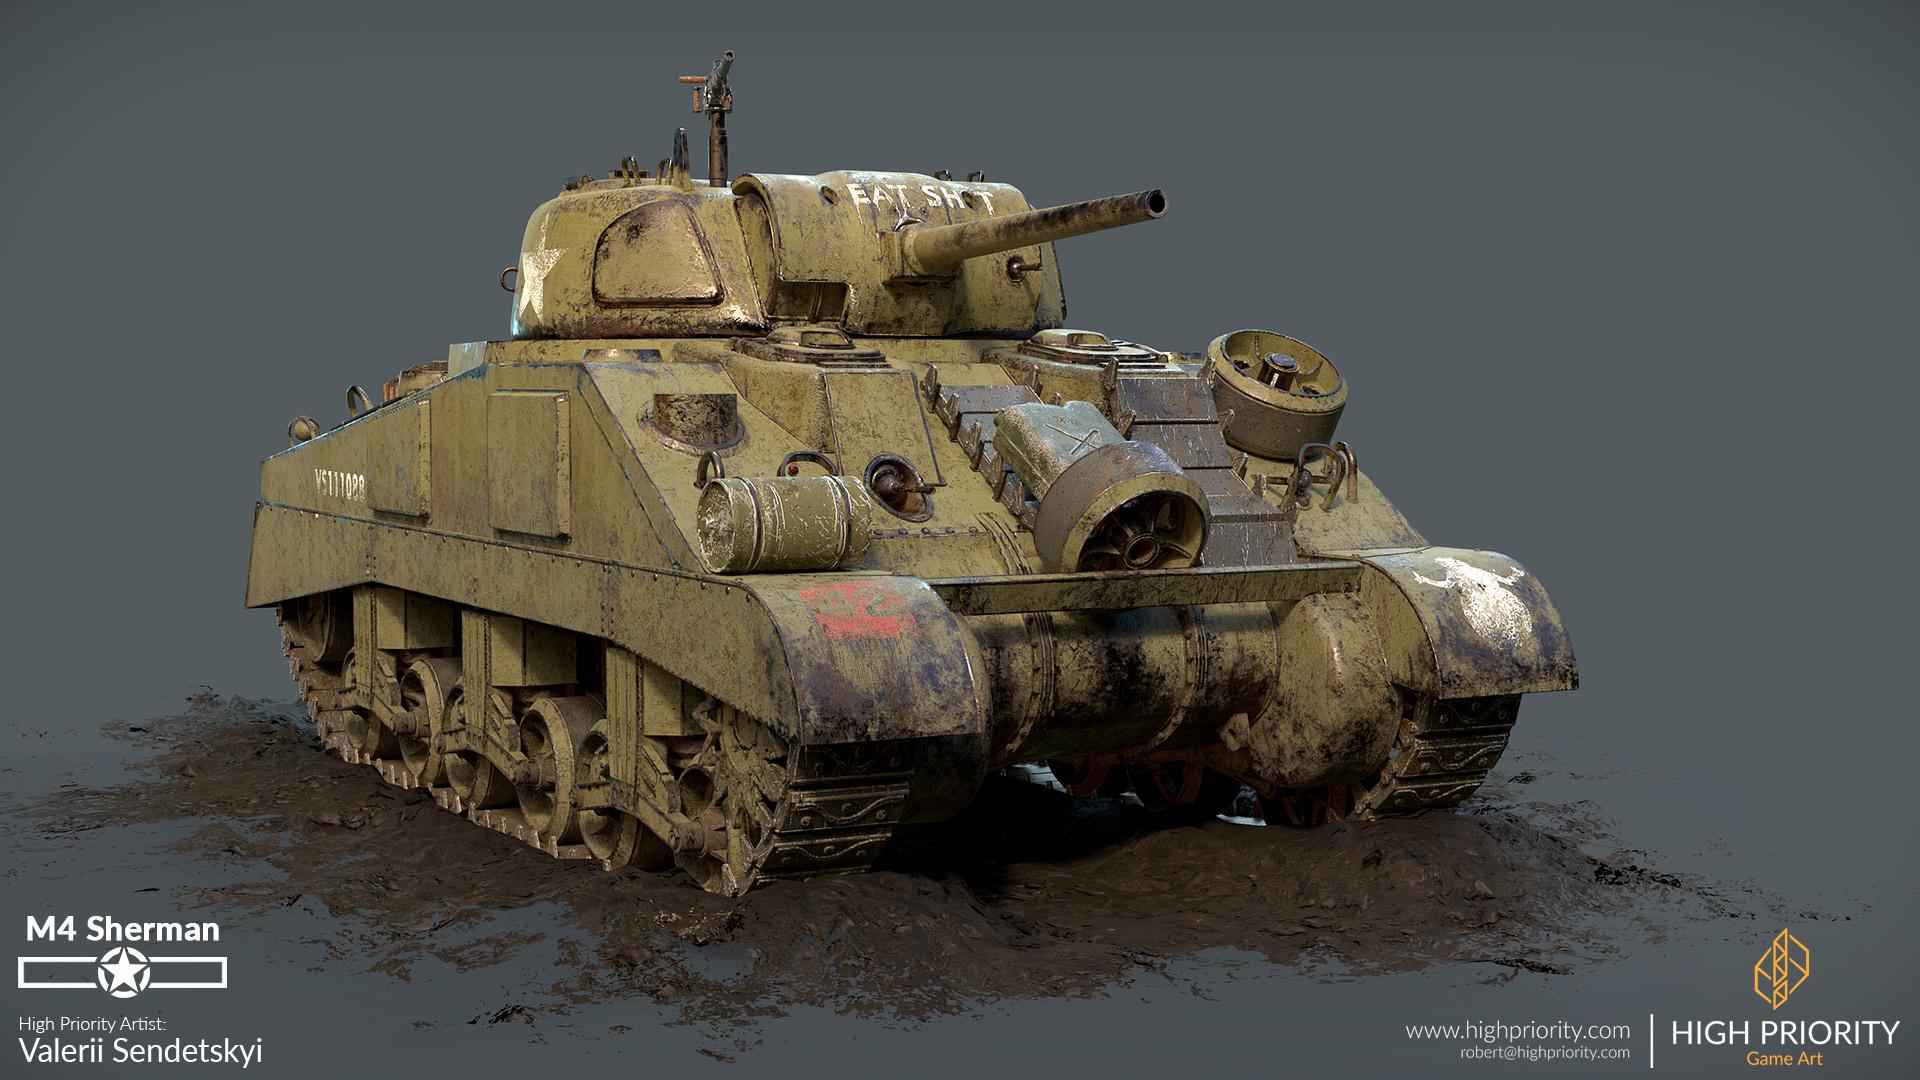 High Priority - Valerii - M4 Sherman - 07